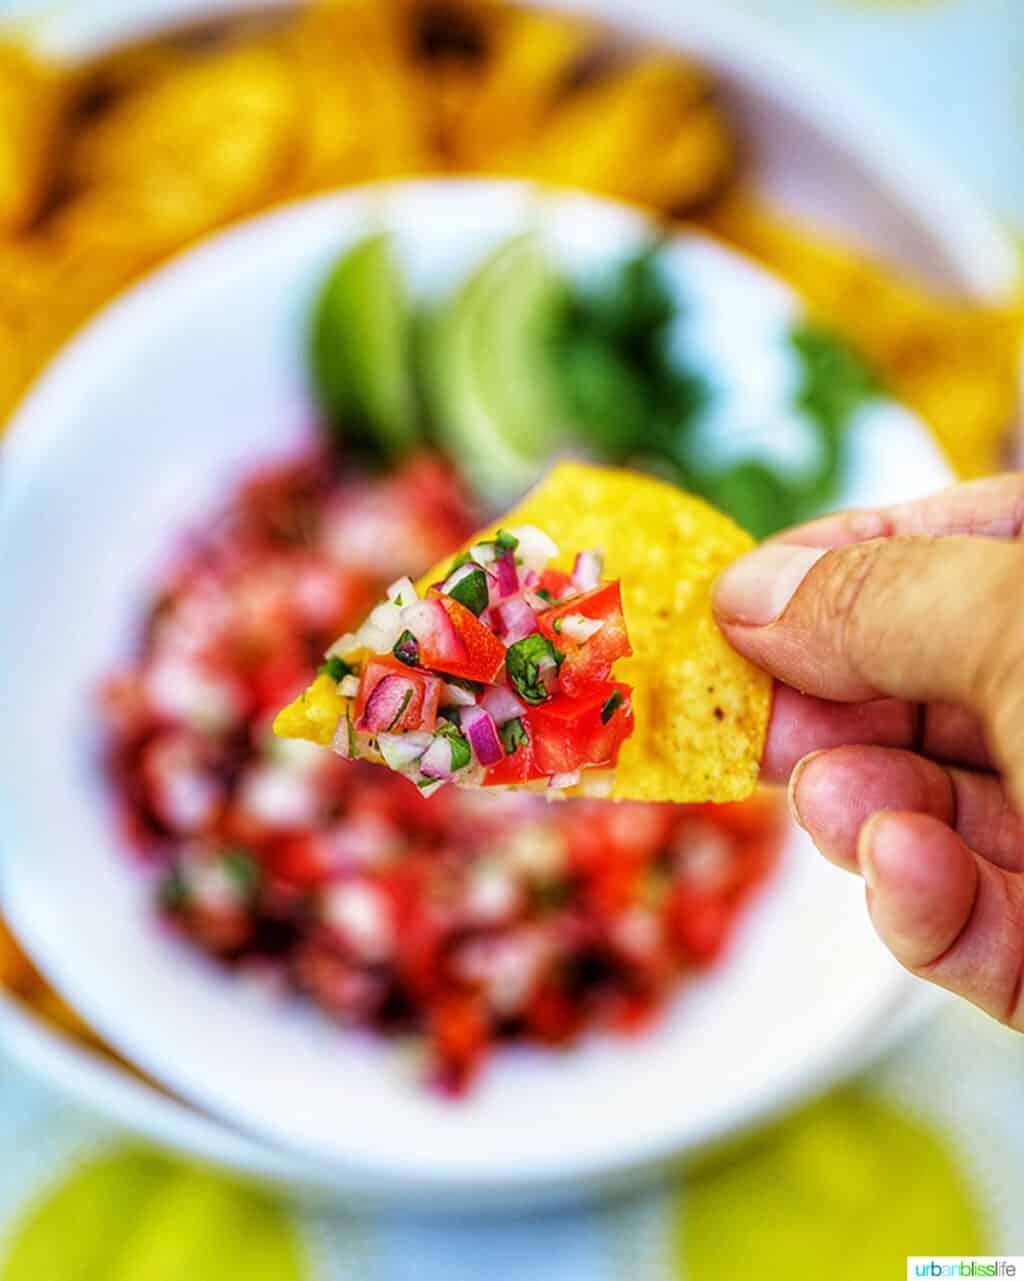 pico de gallo on a tortilla chip